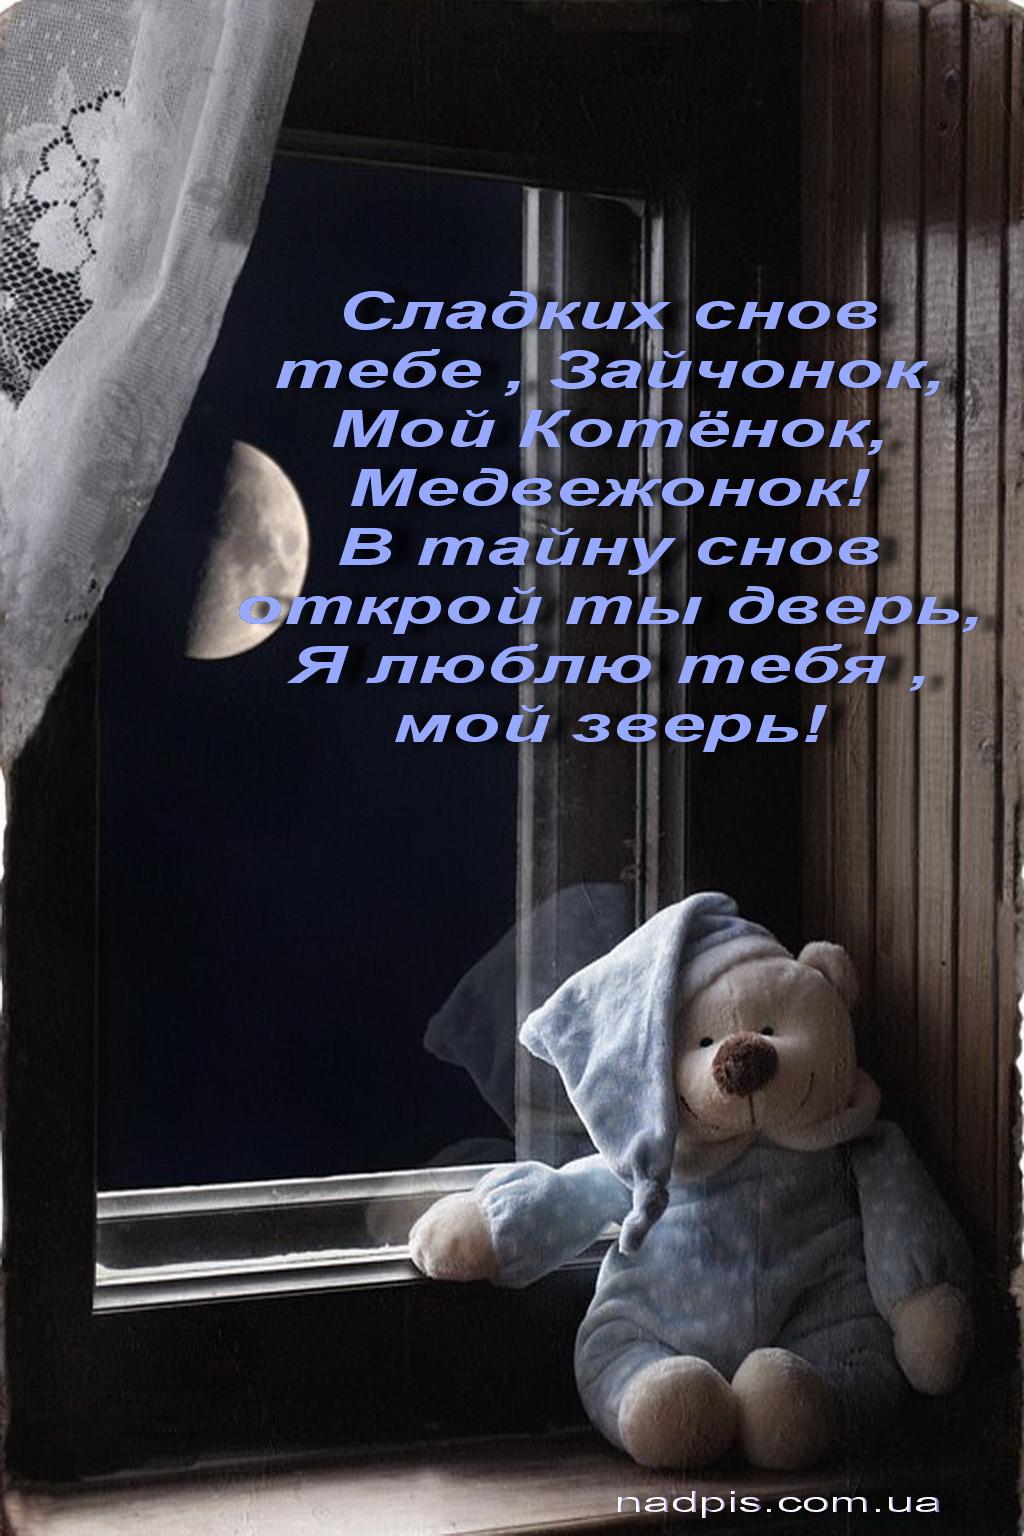 Картинки спокойной ночи - e5b06